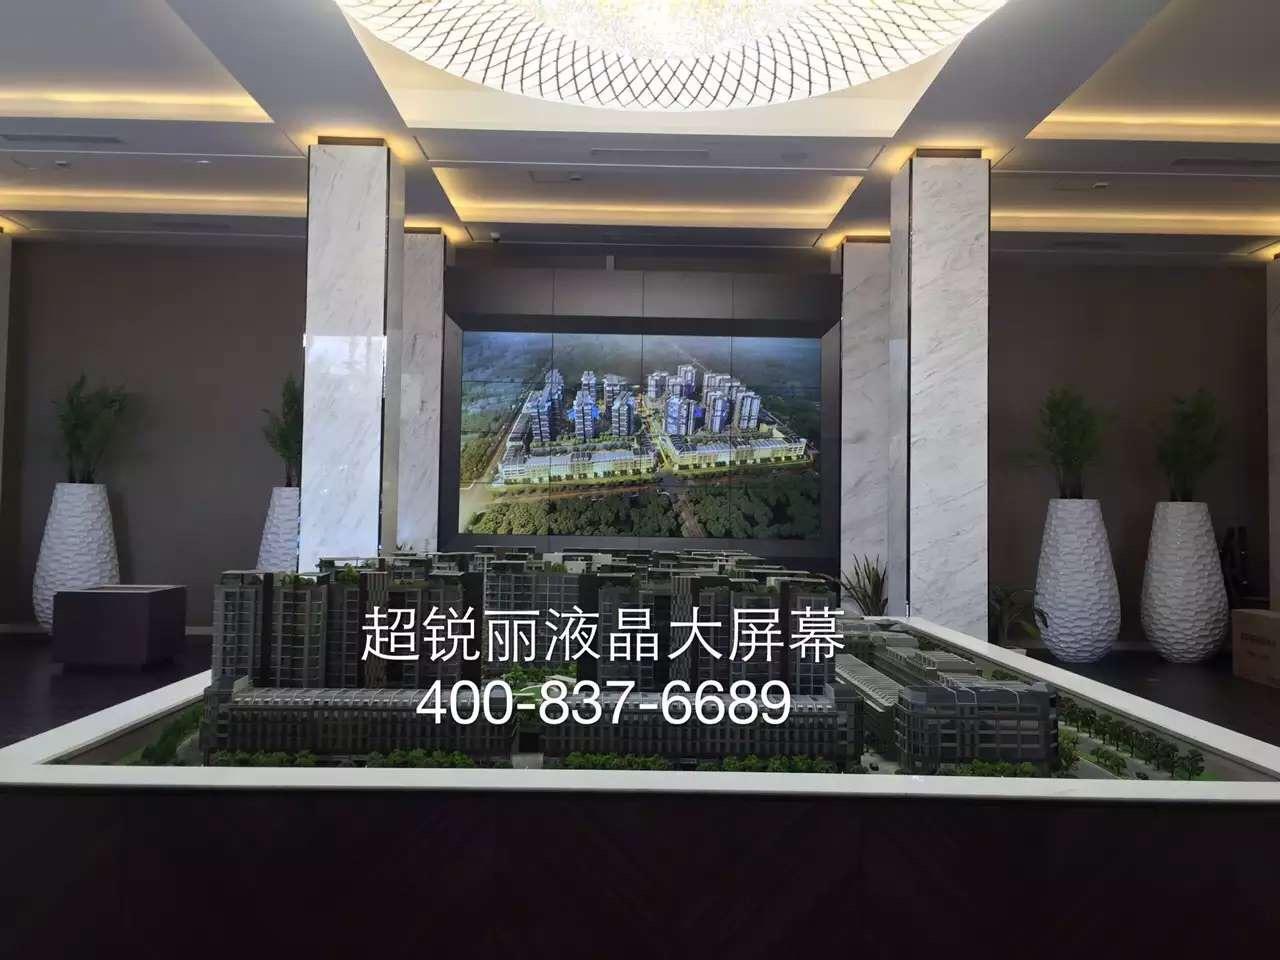 杭州异形拼接屏厂家 弧形拼接大屏 前维护拼接屏